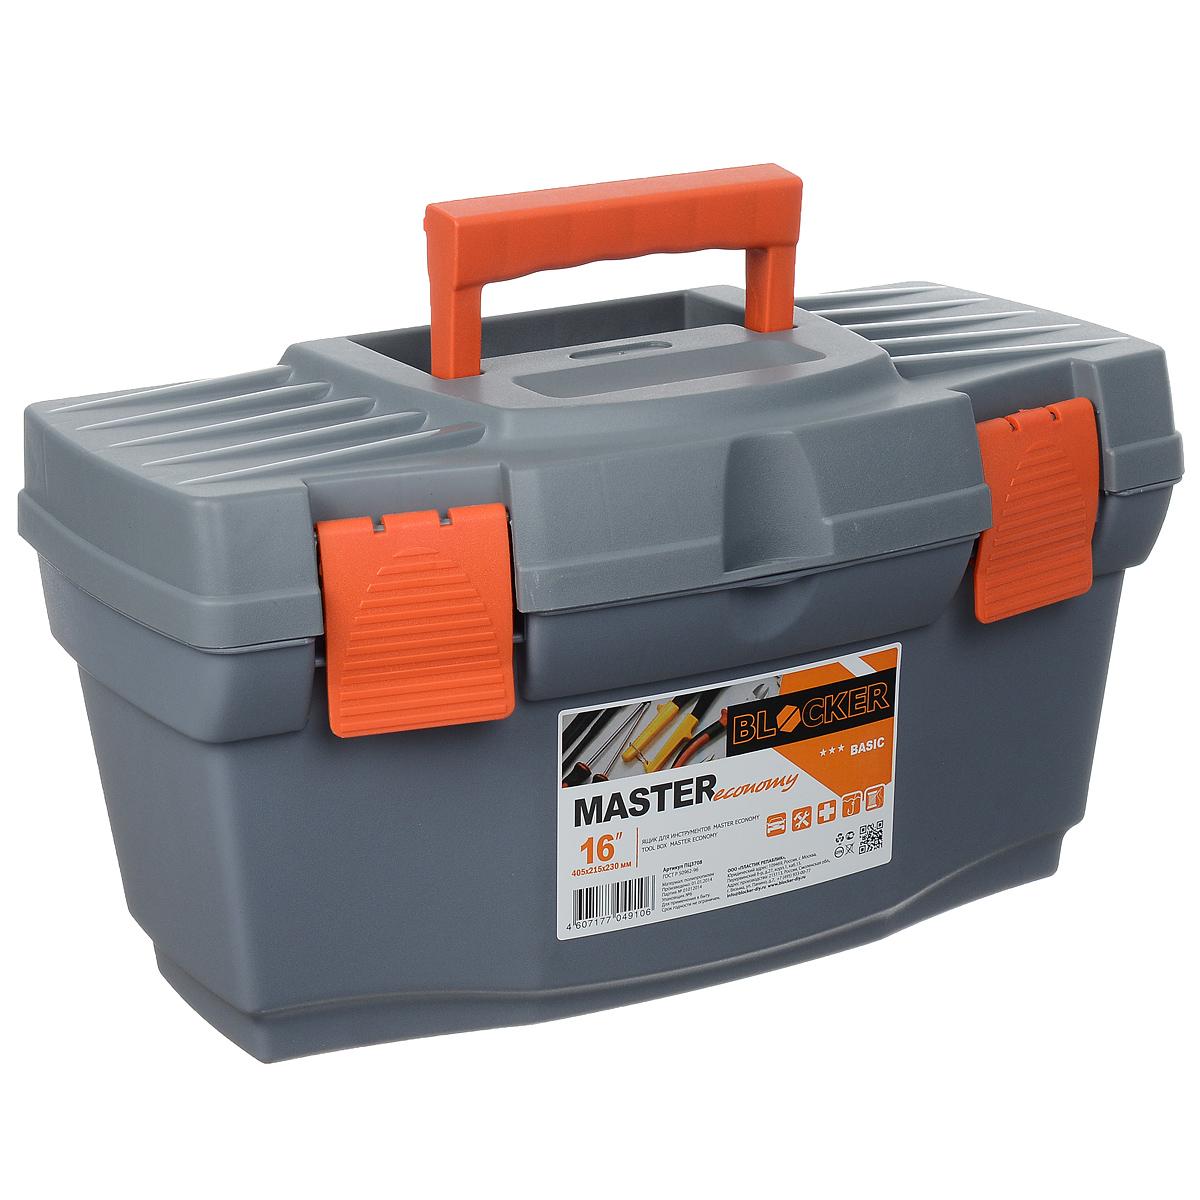 Ящик для инструментов Blocker Master Economy 16, цвет: оранжевый, серый, 40,5 х 23 х 21,5 смПЦ3708_оранжевый, серыйЯщик Blocker Master Economy 16 изготовлен из прочного пластика и предназначен для хранения и переноски инструментов. Вместительный, внутри имеет большое главное отделение. В комплект входит съемный лоток, оснащенный линейкой.Закрывается при помощи крепких защелок, которые не допускают случайного открывания. Для более комфортного переноса в руках на крышке ящика предусмотрена удобная ручка.